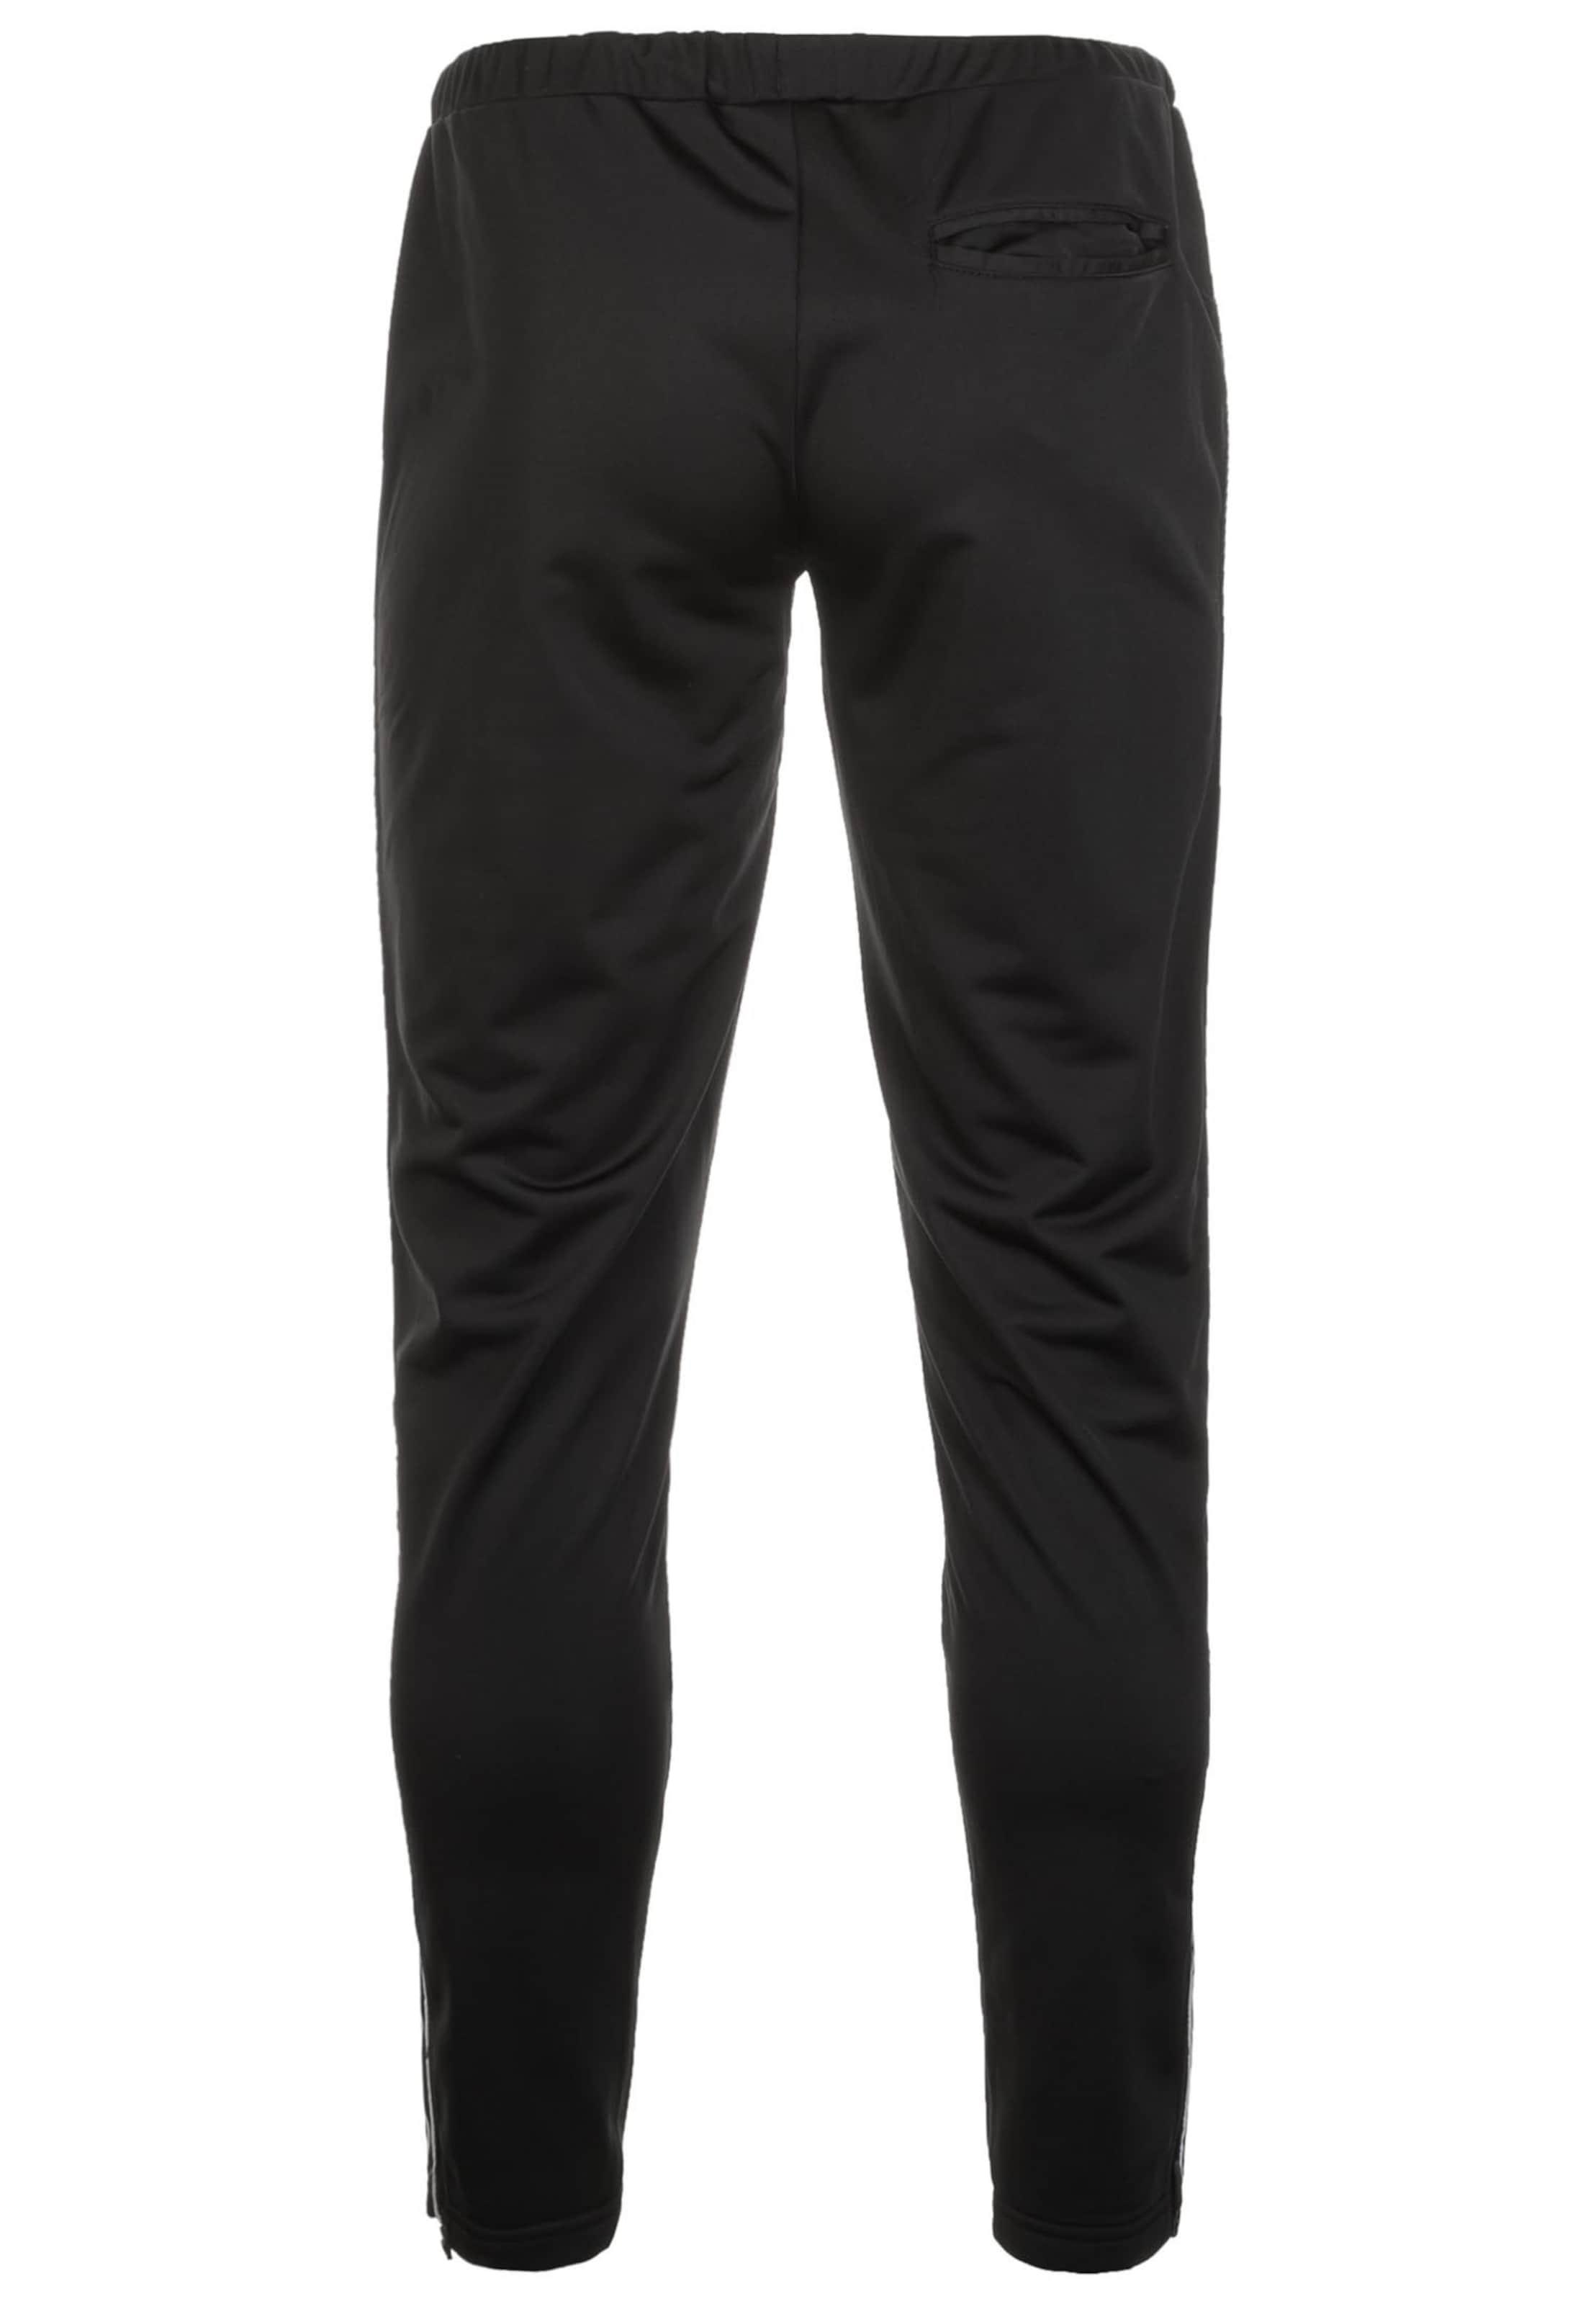 Umbro En Pantalon Pantalon NoirBlanc Umbro Pantalon Umbro En En NoirBlanc Umbro En NoirBlanc Pantalon Y29WEDIH